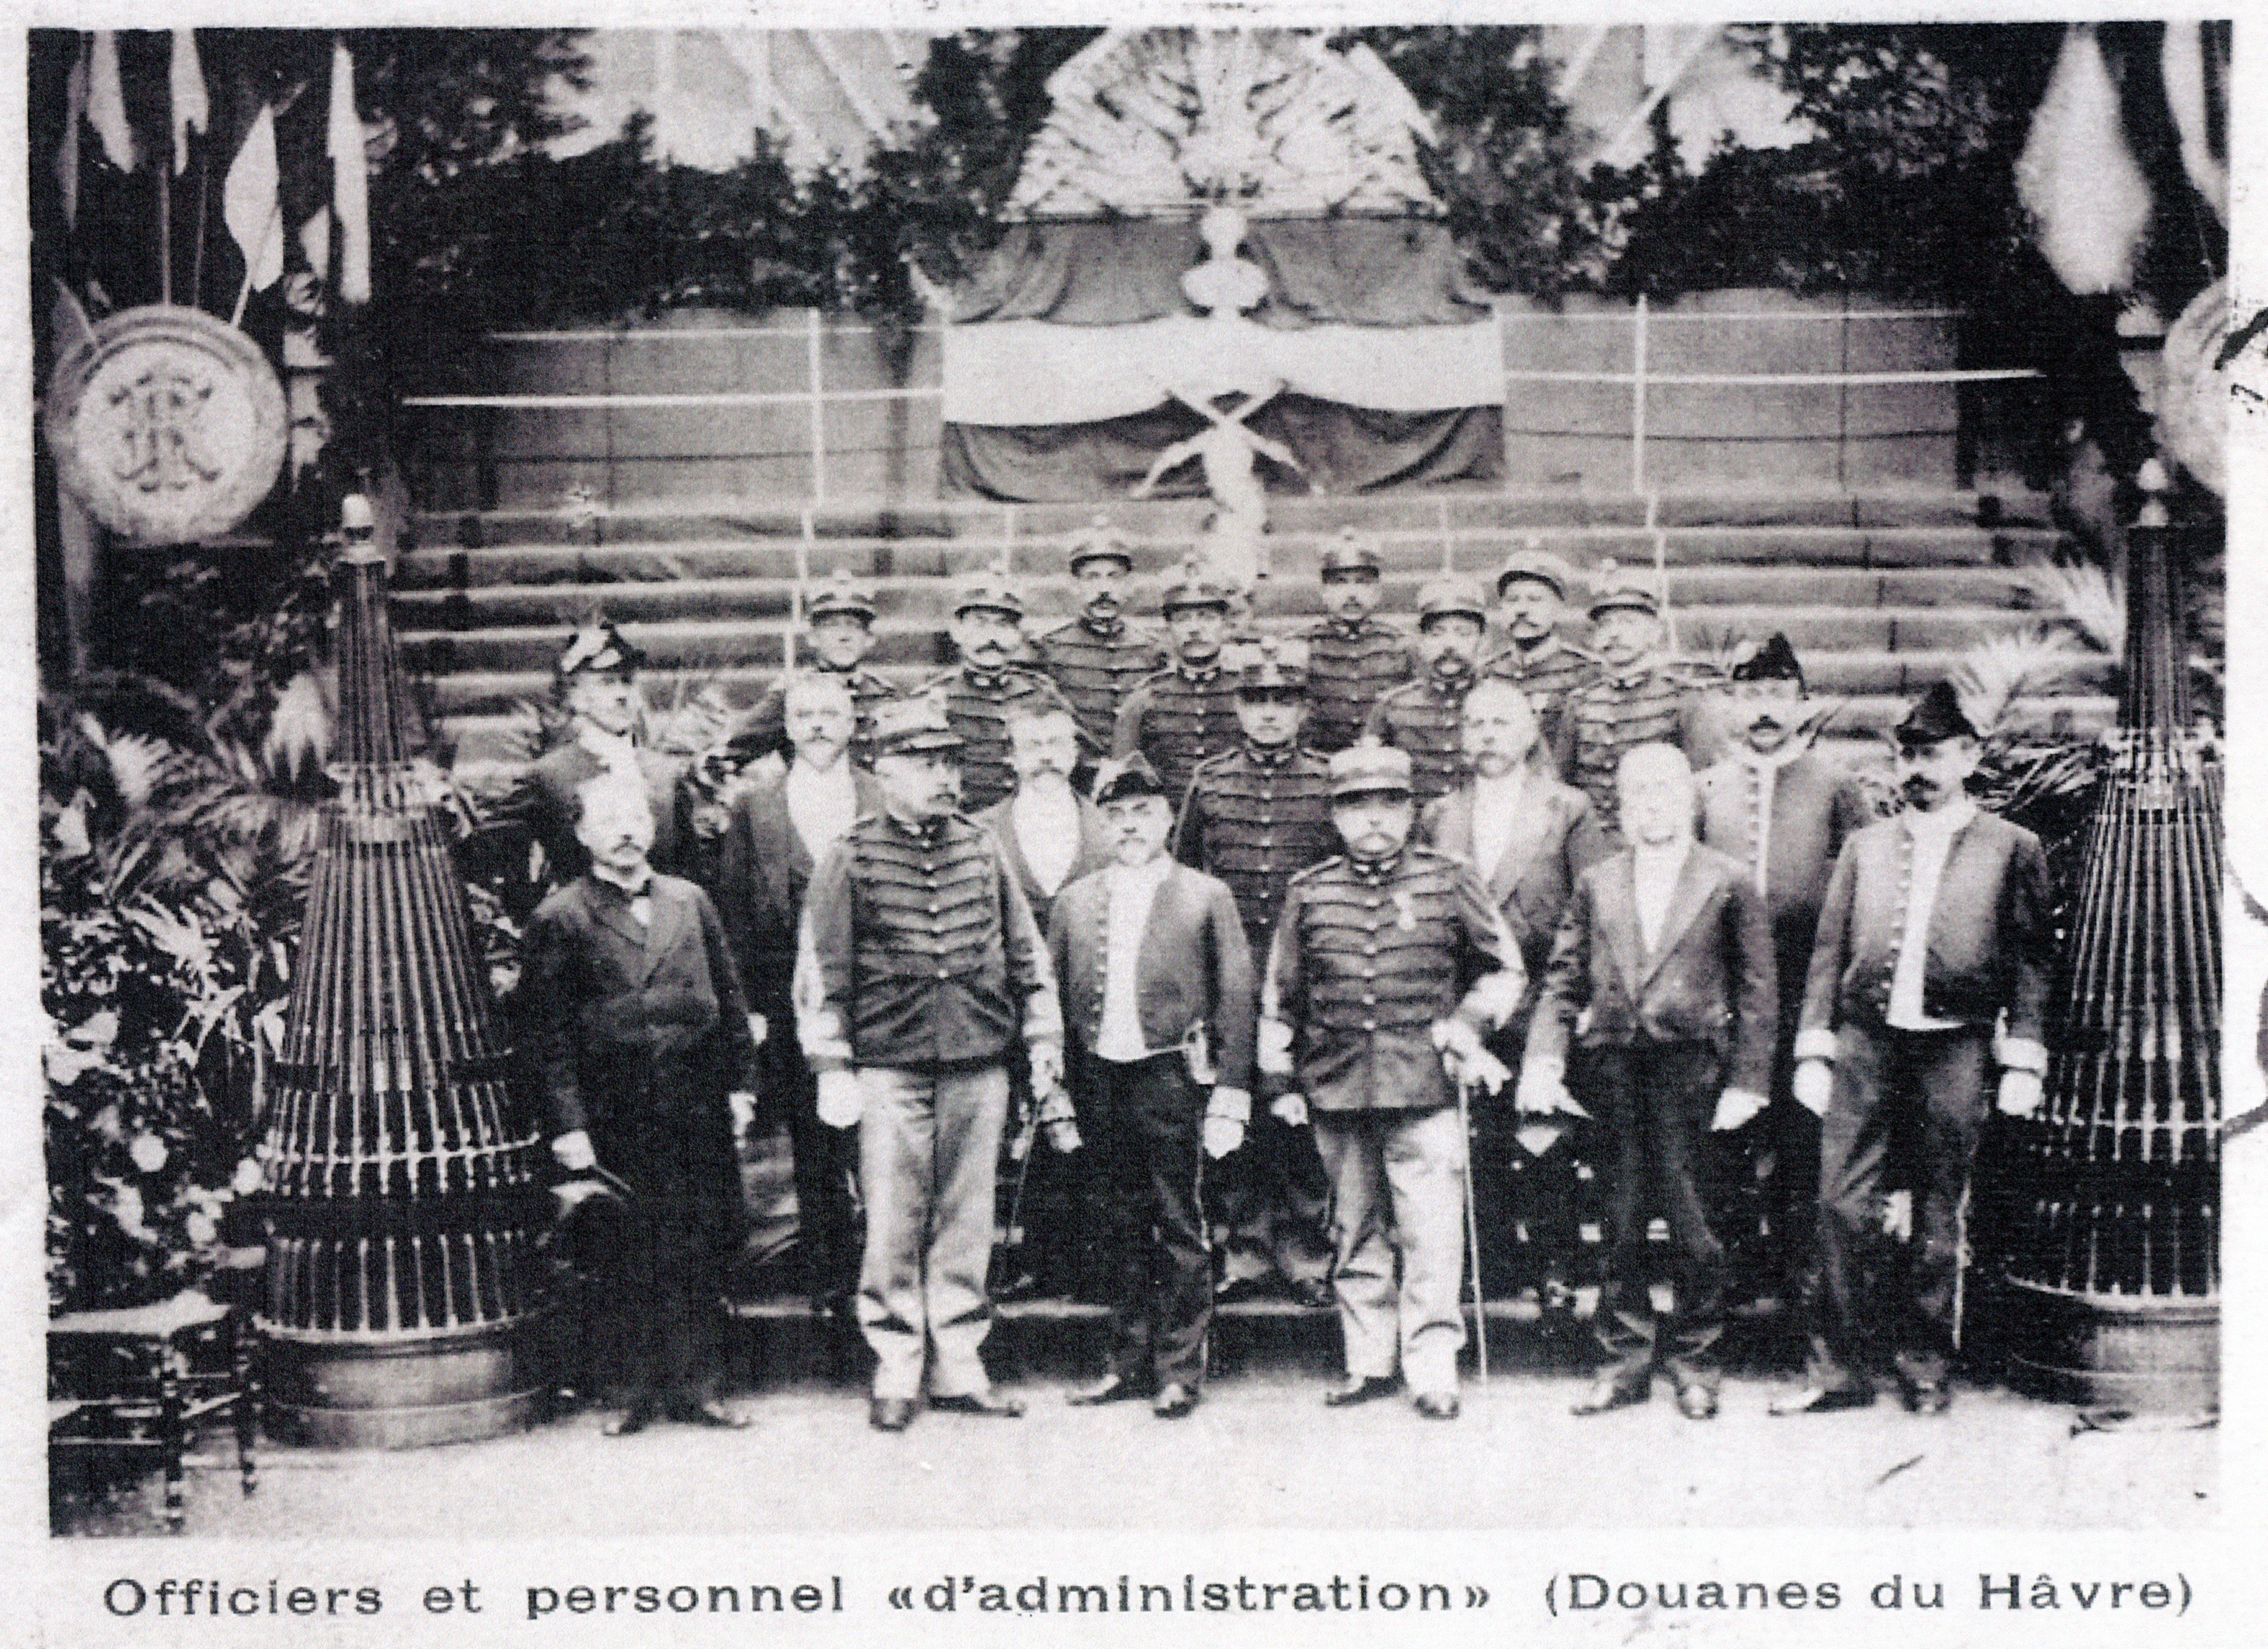 Les faisceaux d'armes sont ressortis à l'occasion de cérémonies officielles (document très rare).